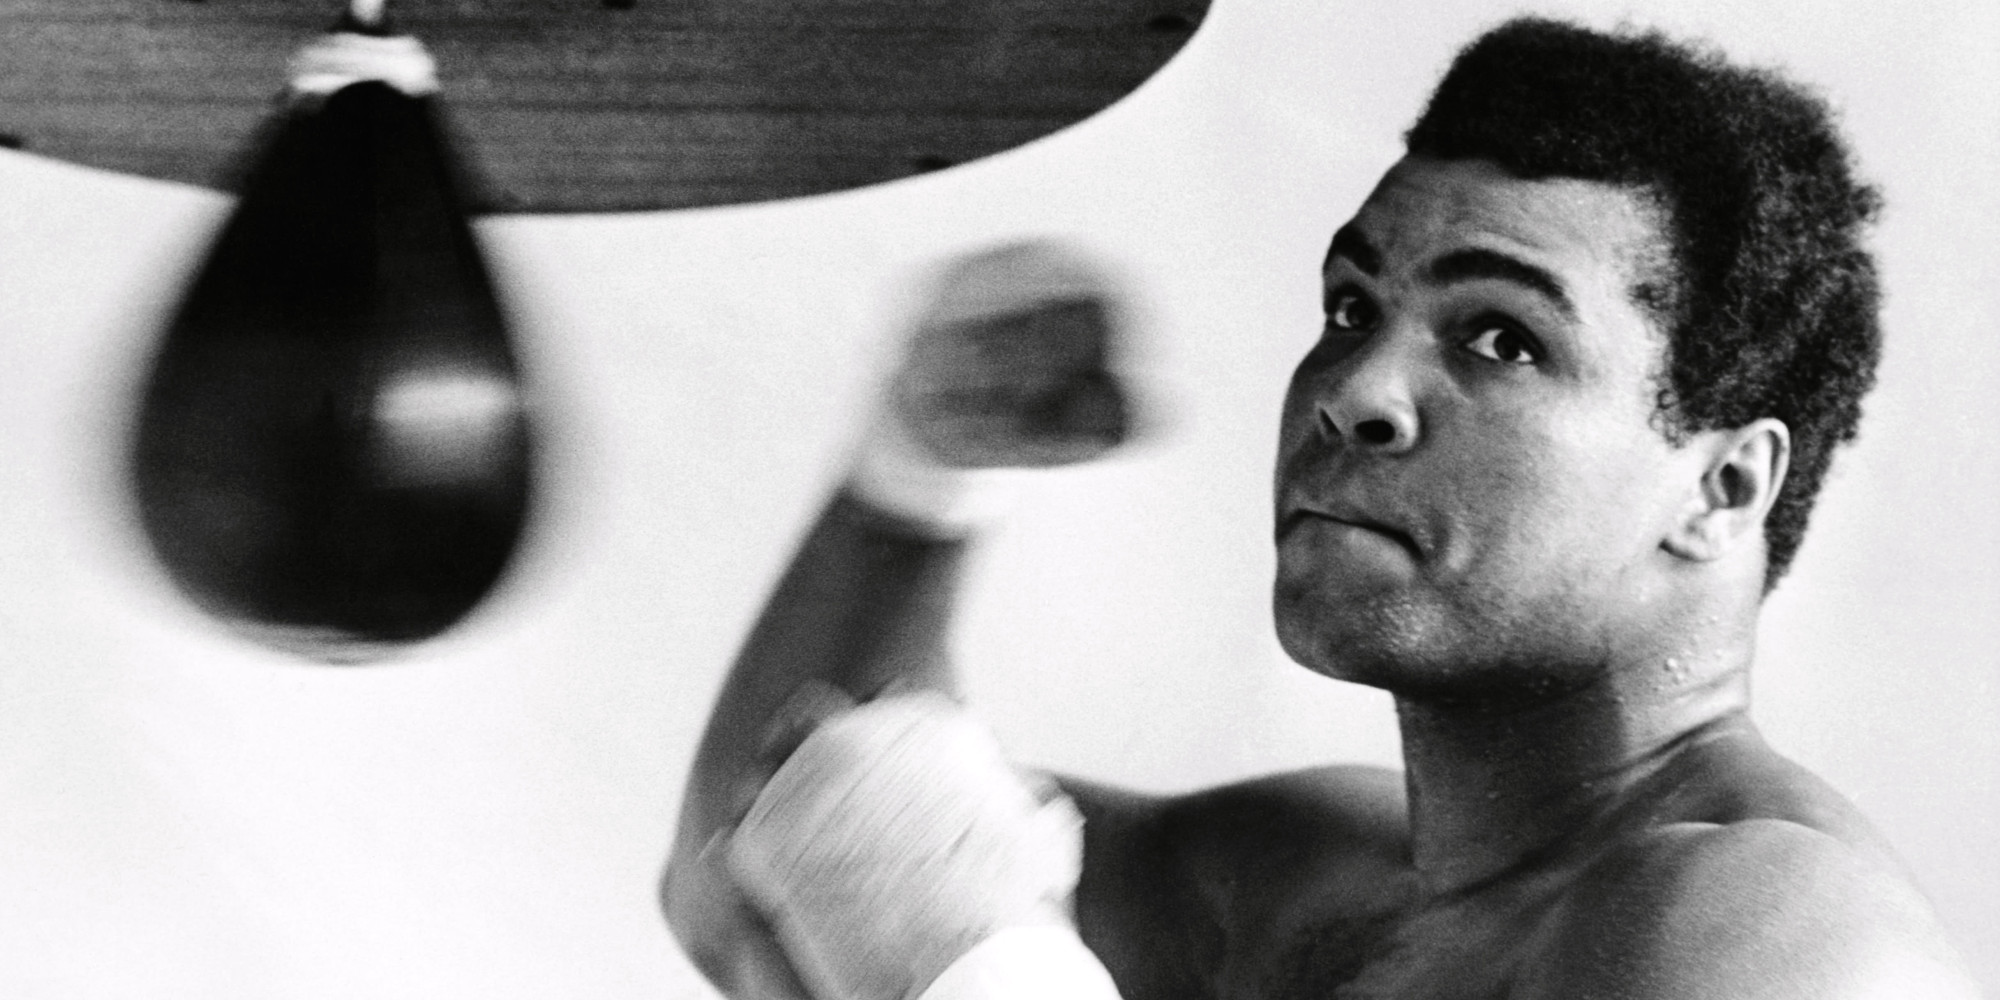 Muhammad Ali nie żyje. Odeszła legenda boksu i popkultury